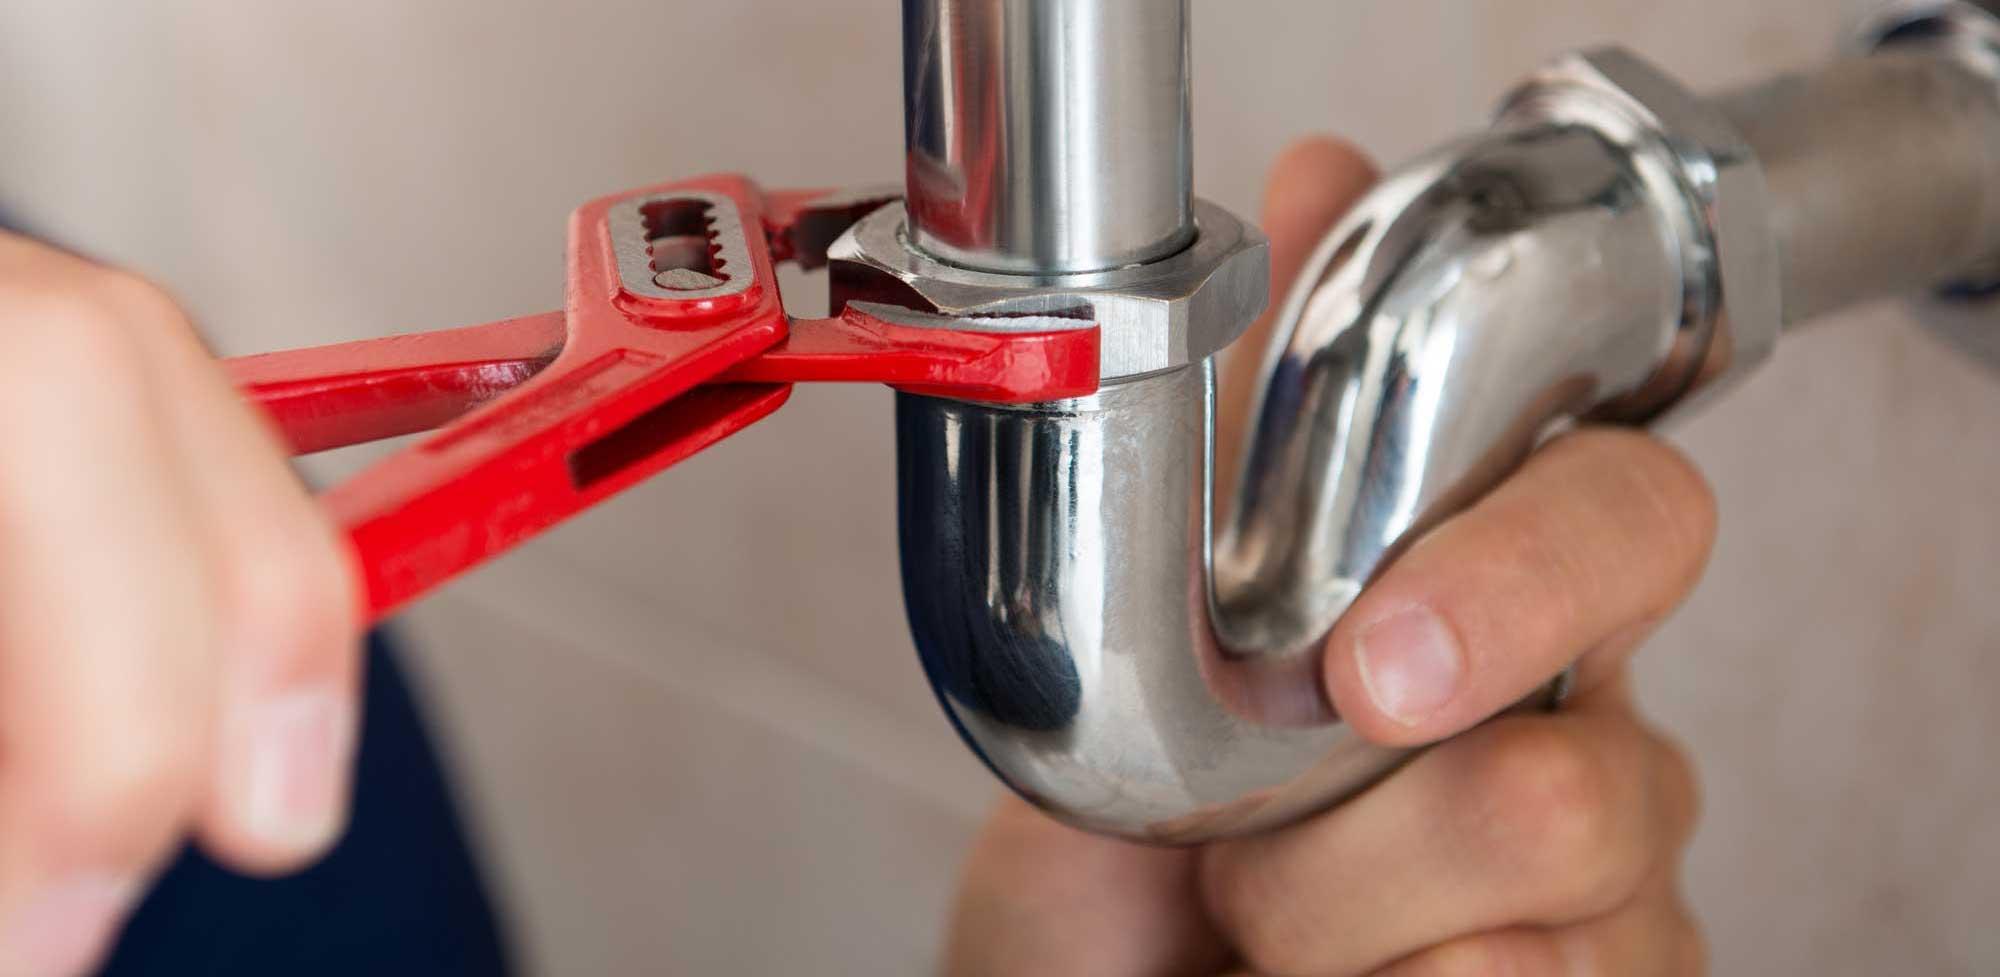 <h1>Loodgieter Oss &#8211; G.B. Loodgieter helpt u graag</h1>